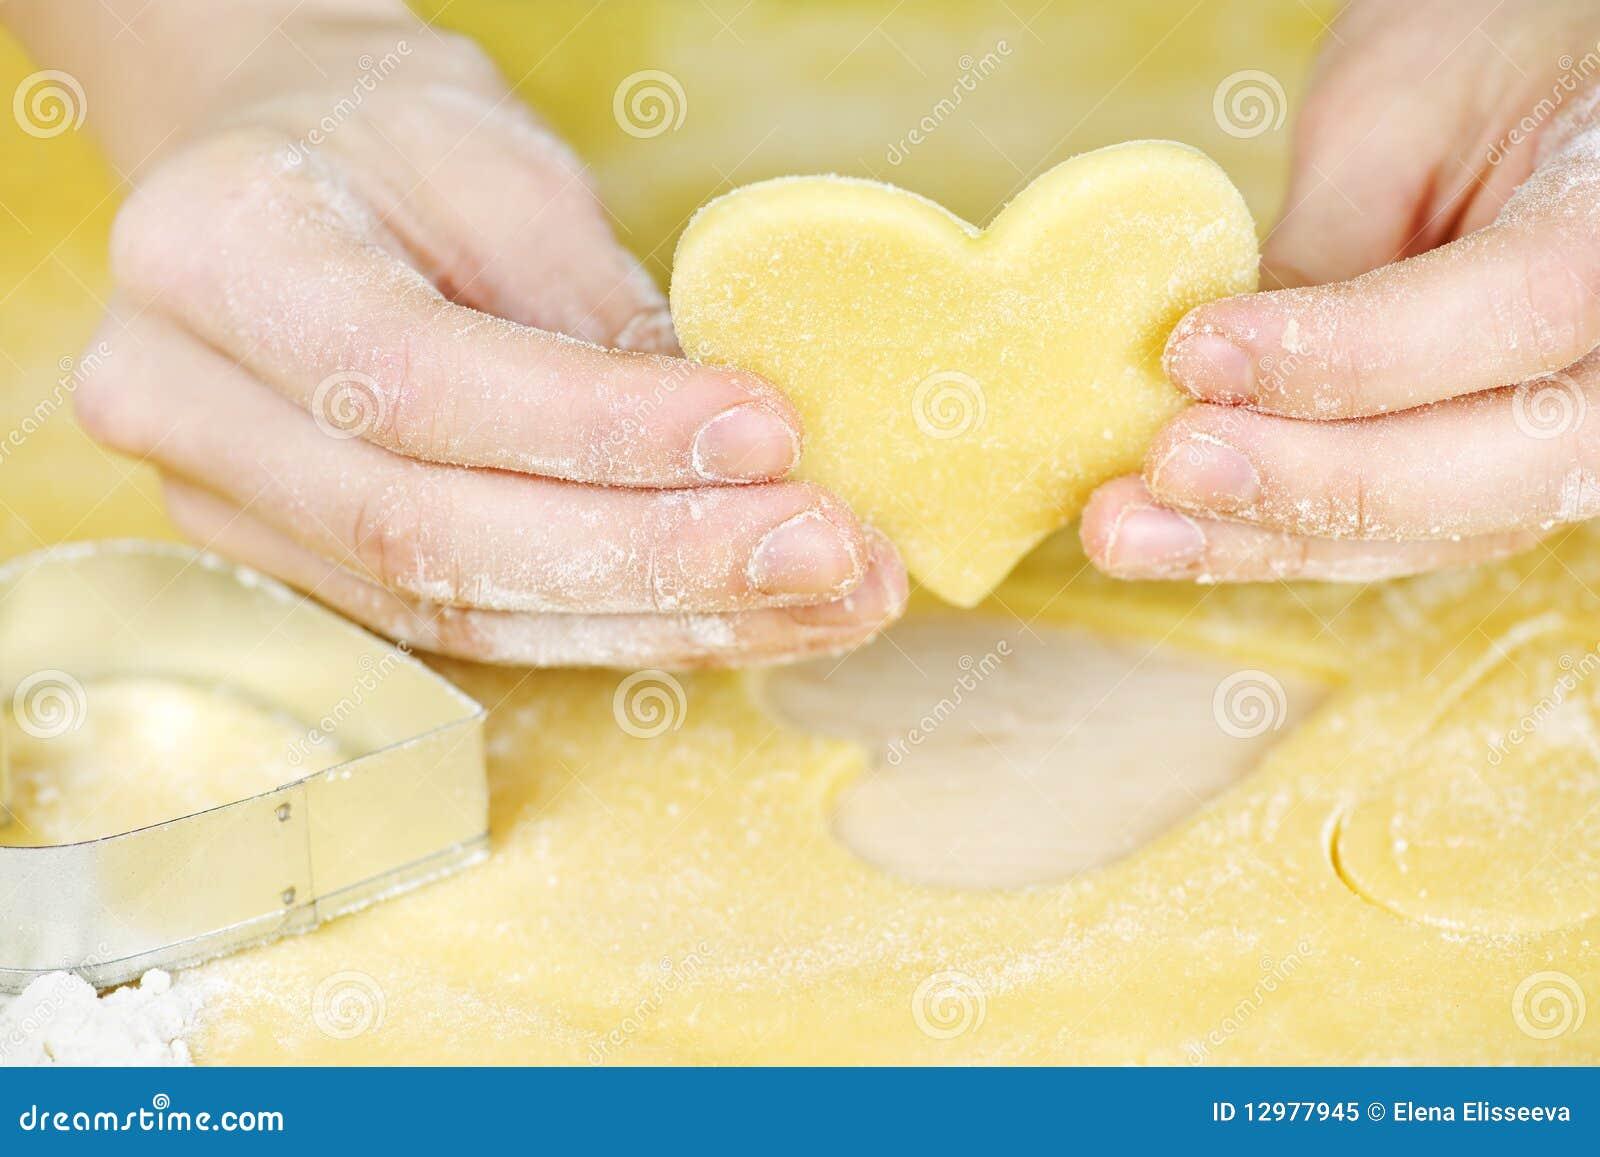 Как сделать обычное тесто без муки